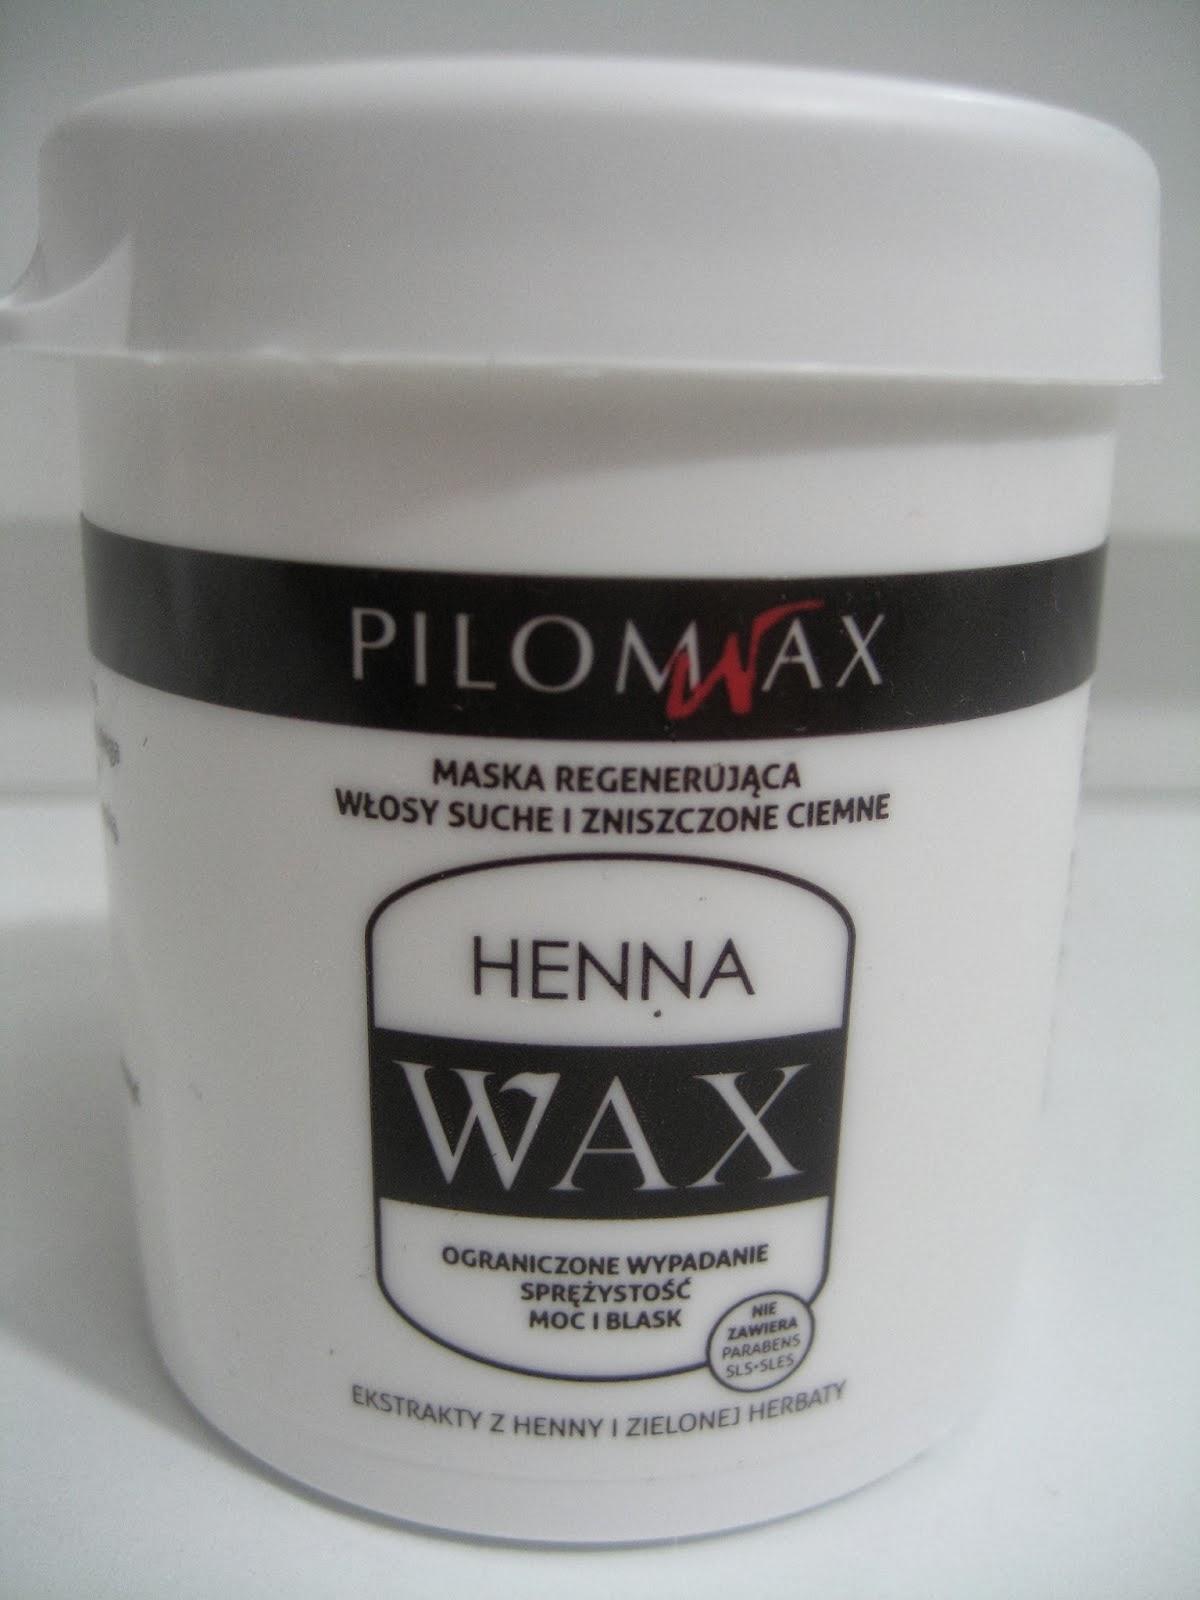 maski do włosów Pilomax, henna wax,